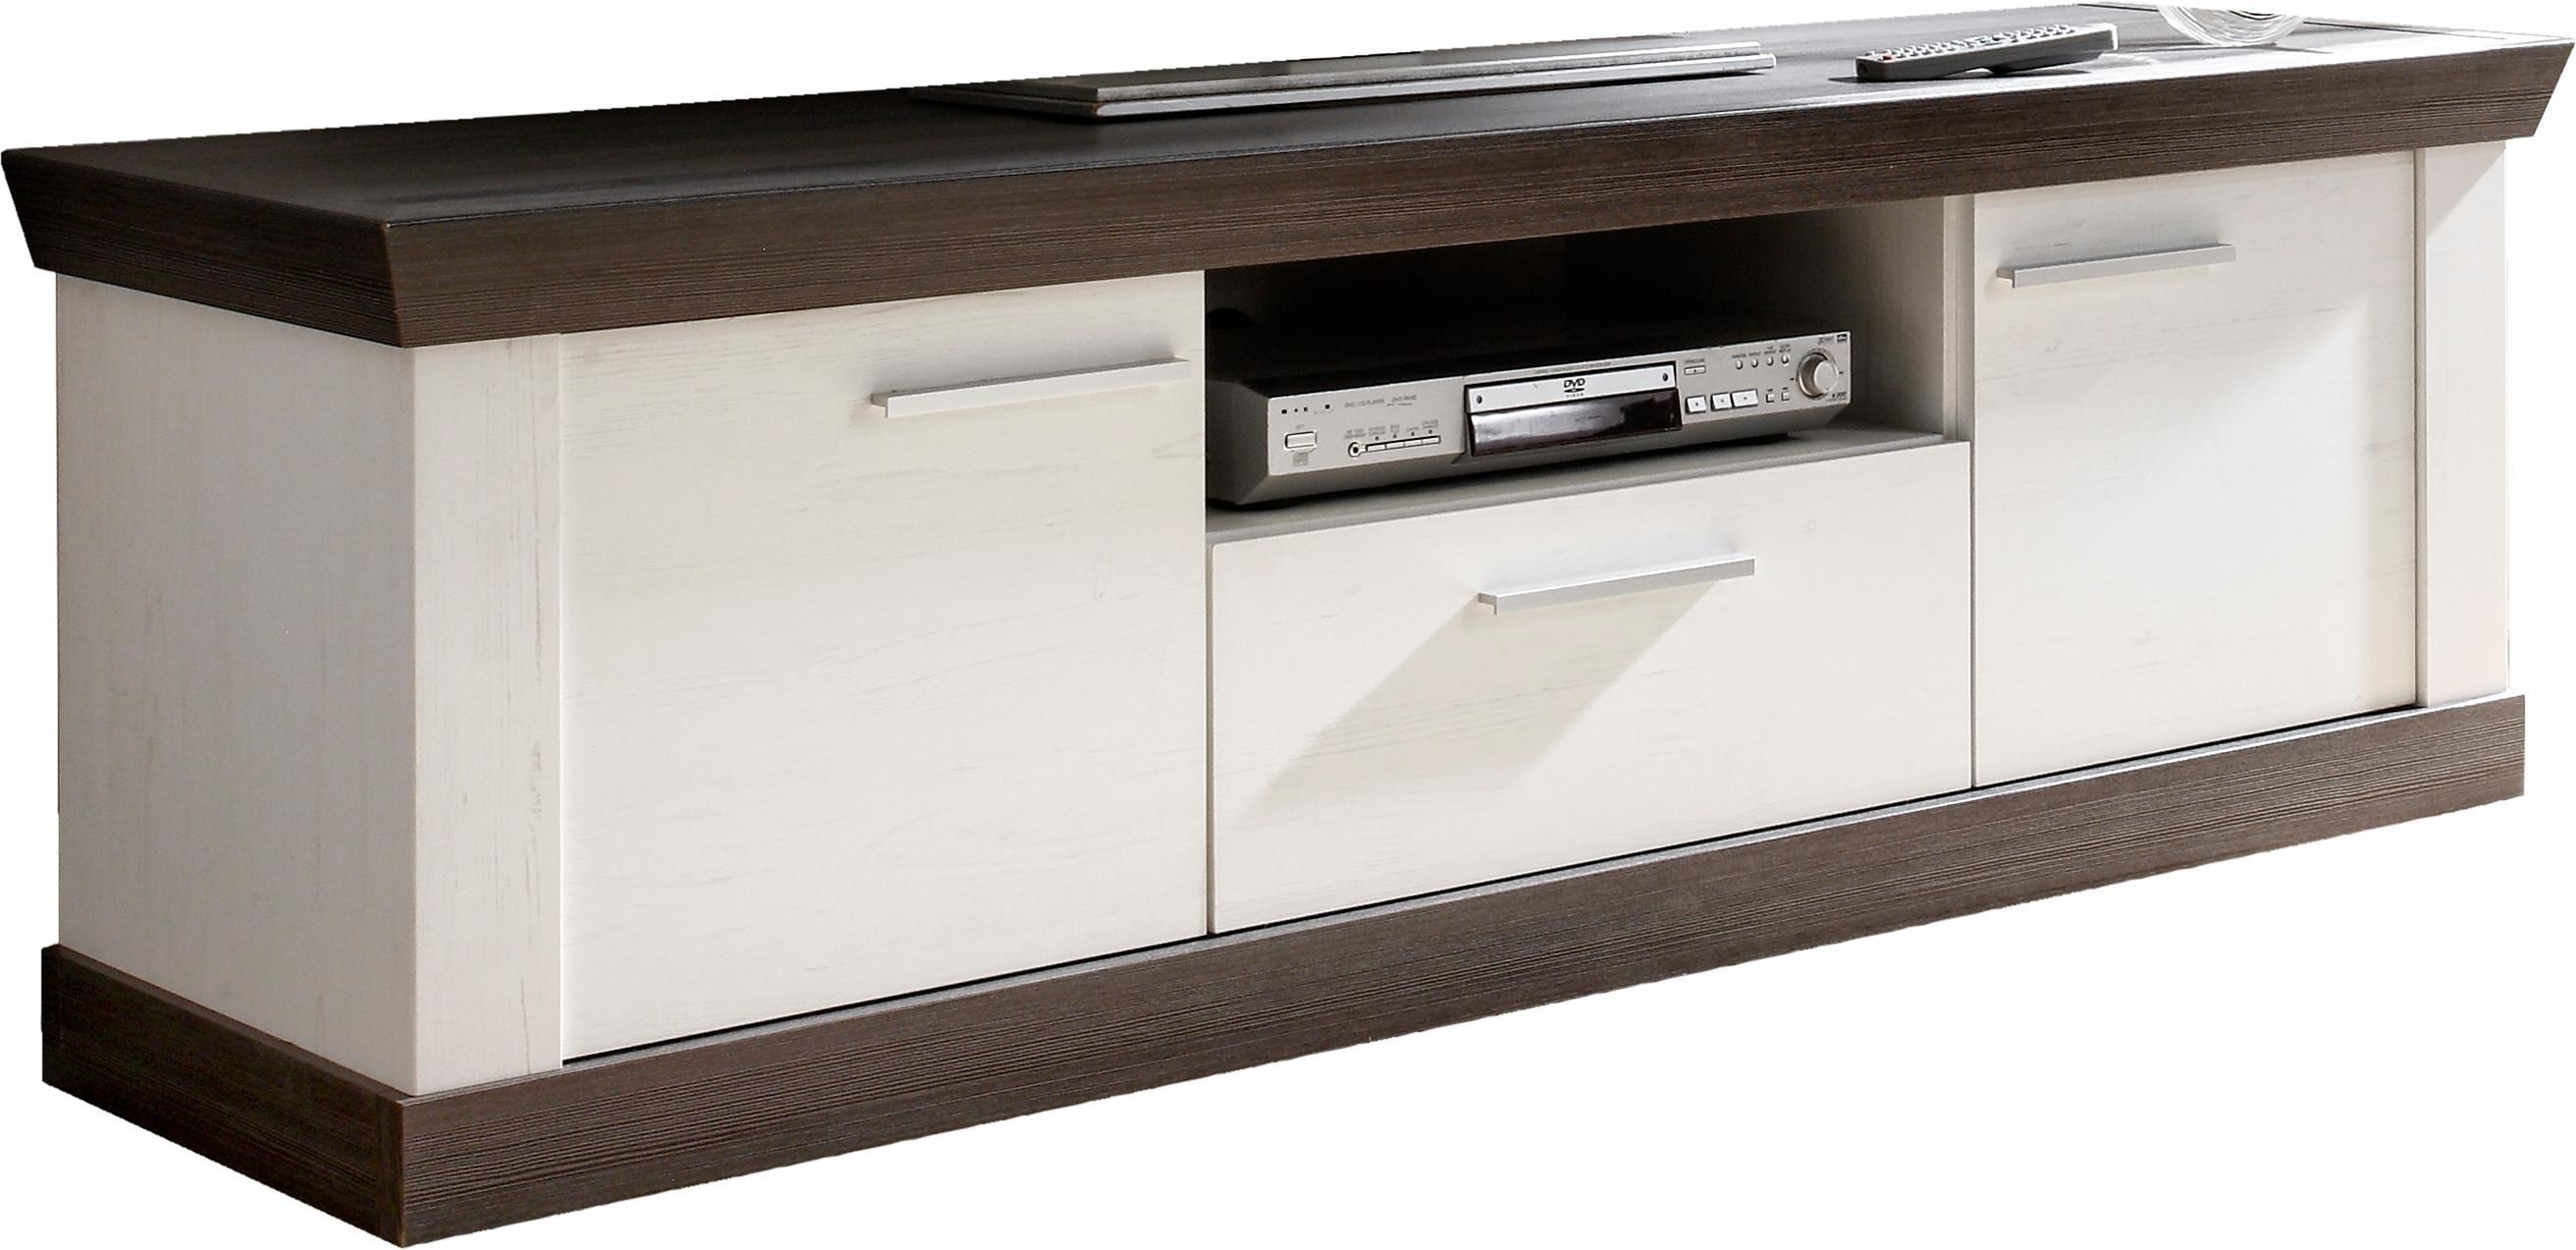 Home affaire tv-meubel Siena Breedte 158 cm online kopen op otto.nl